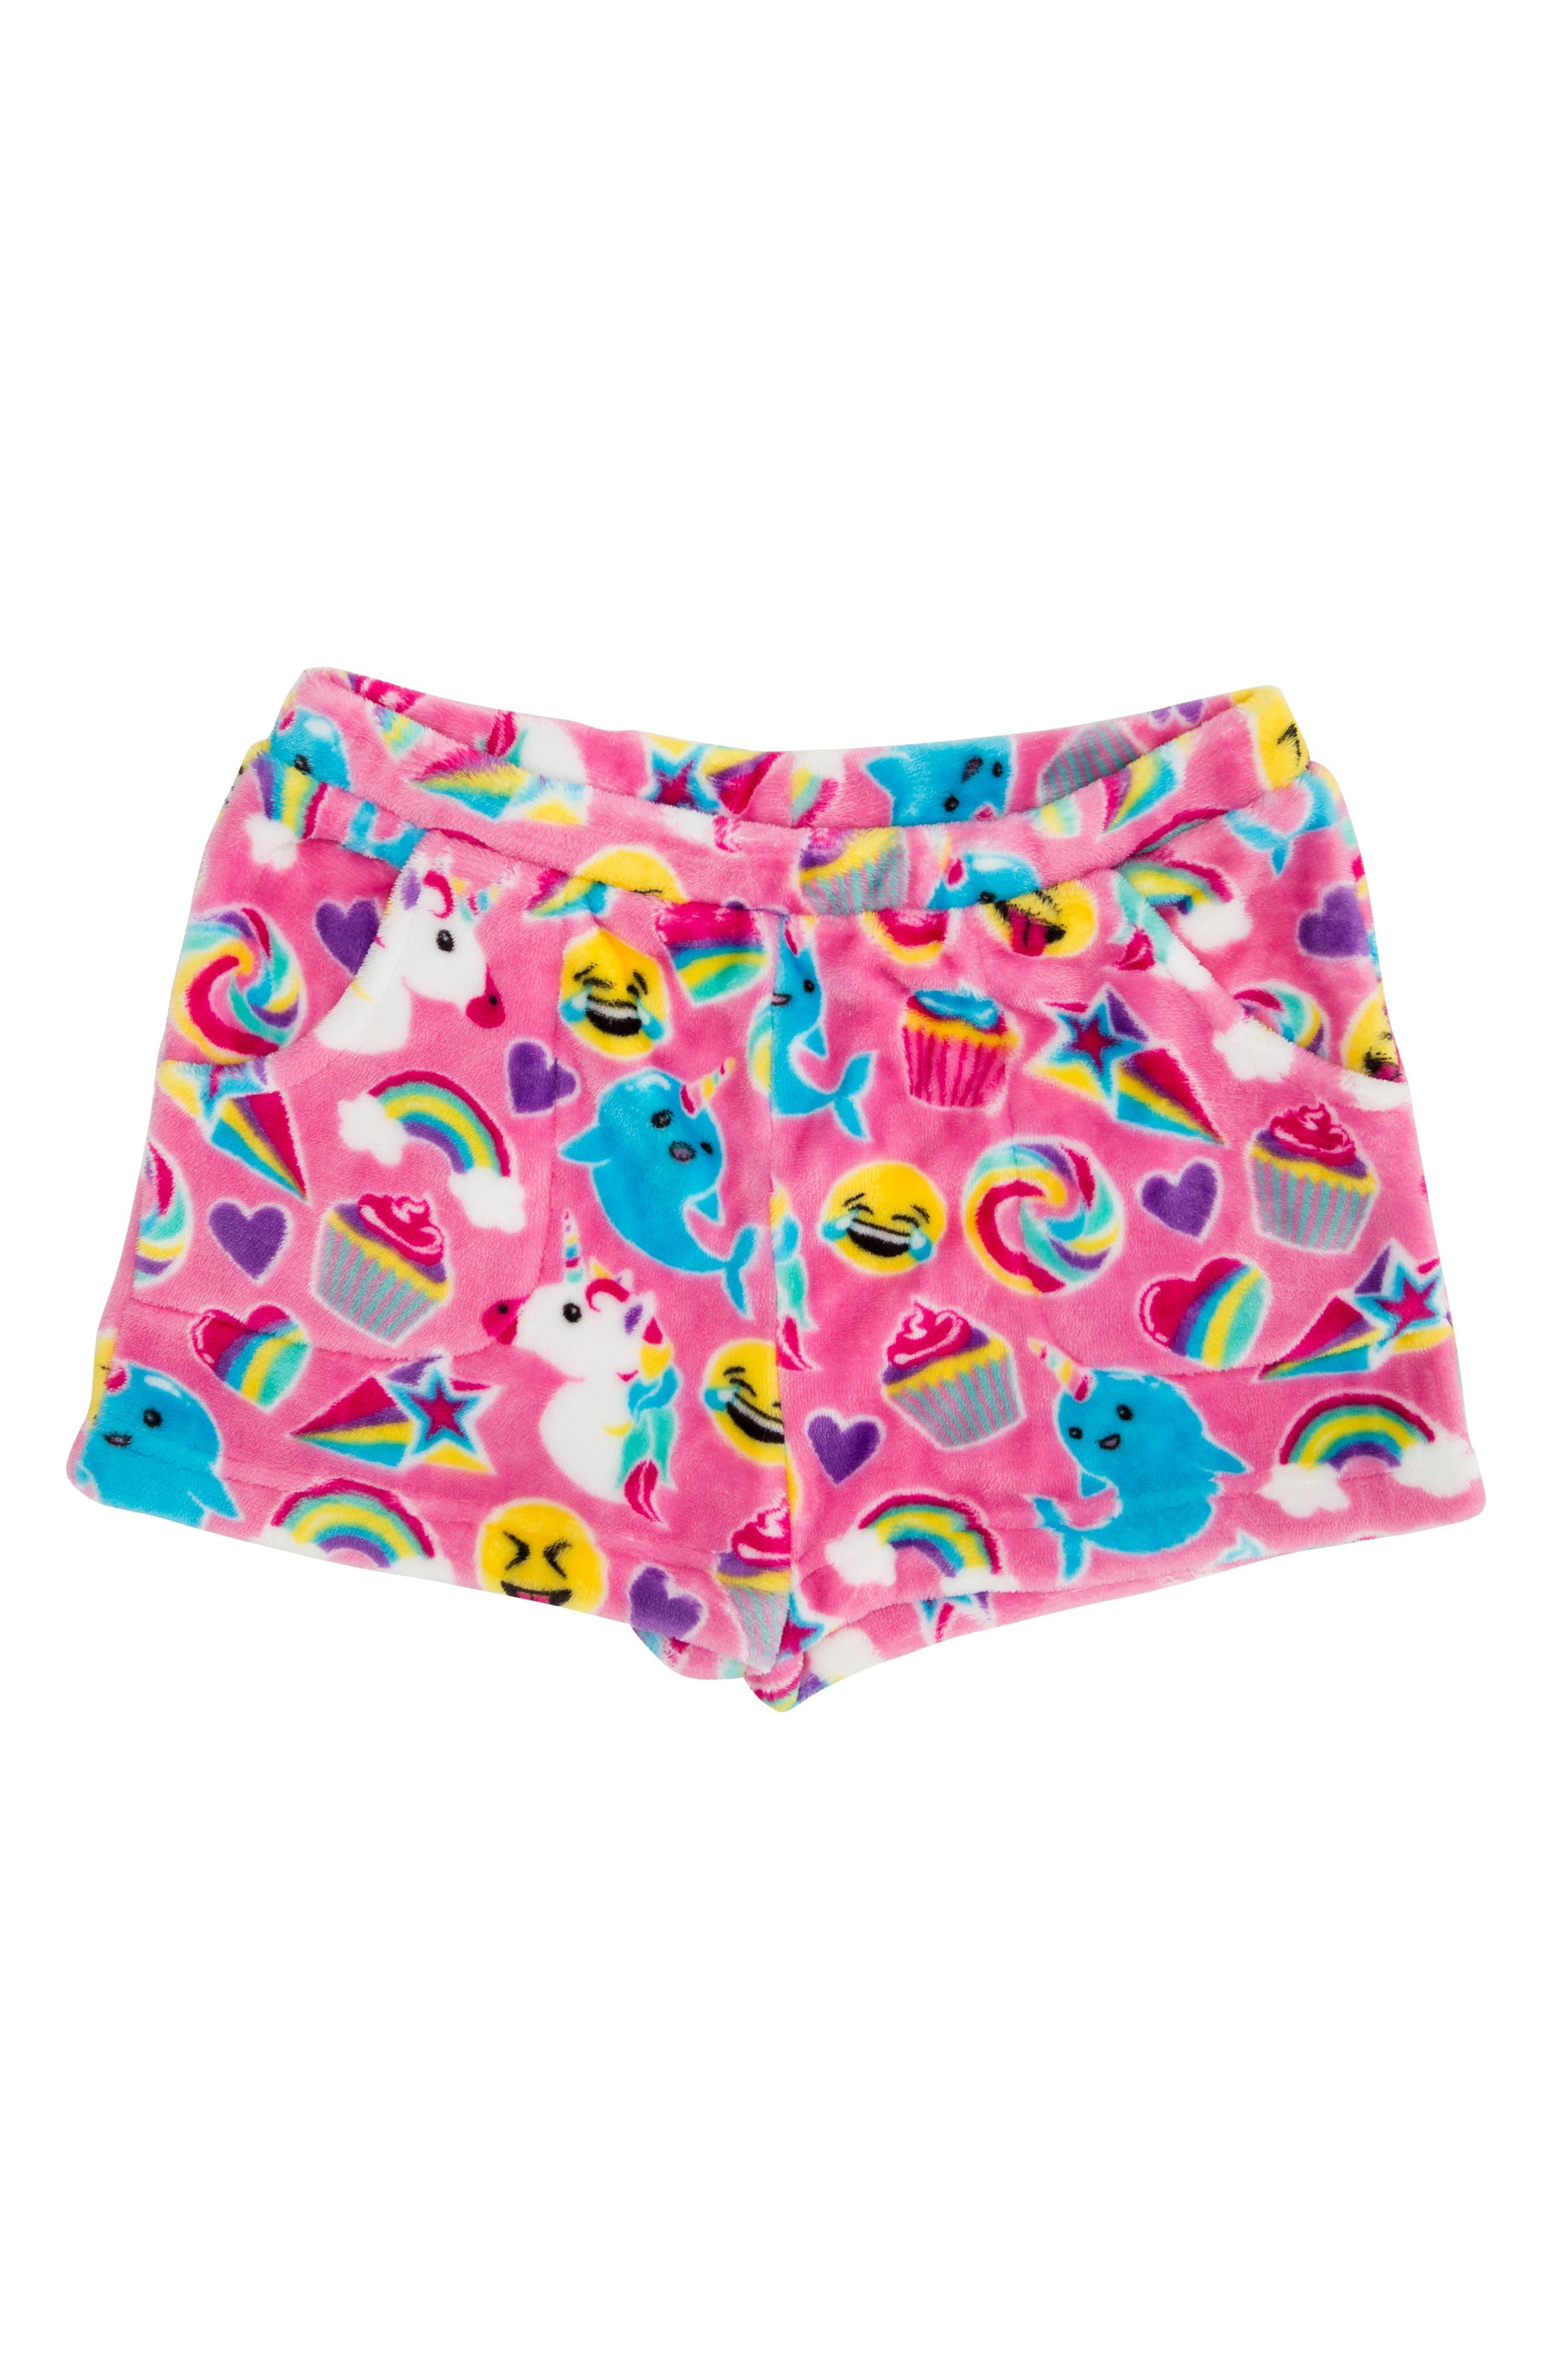 Emoji Fleece Pajama Shorts,                         Main,                         color, 650